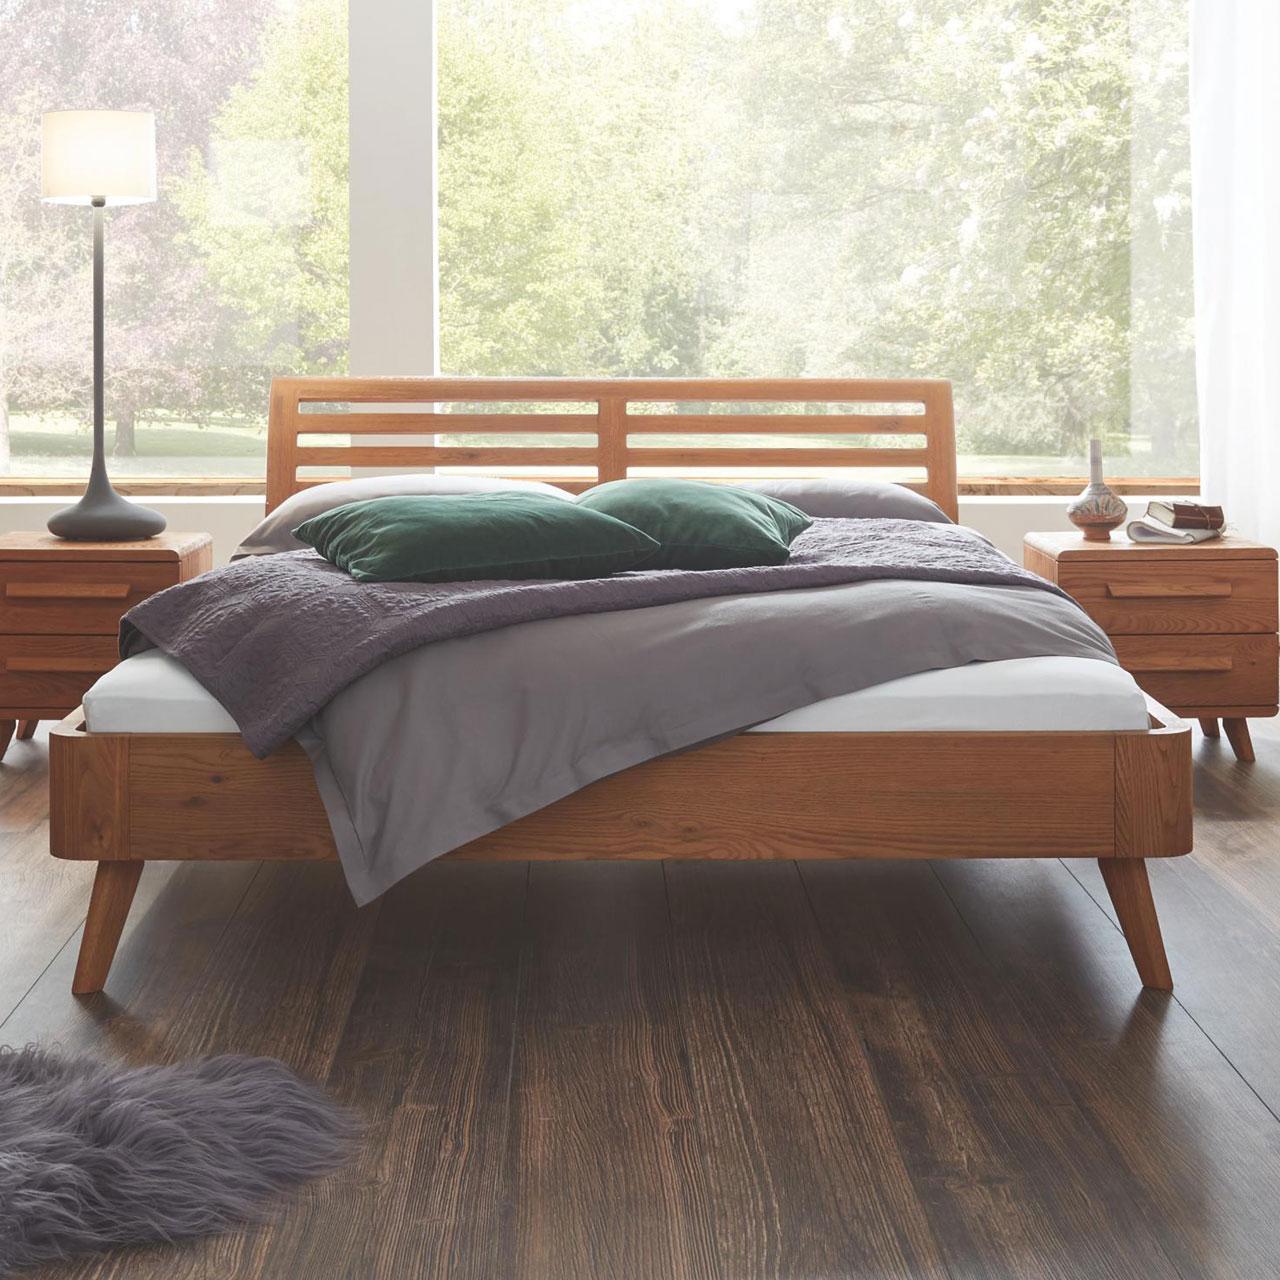 hasena oak line massivholzbett soleo masito. Black Bedroom Furniture Sets. Home Design Ideas